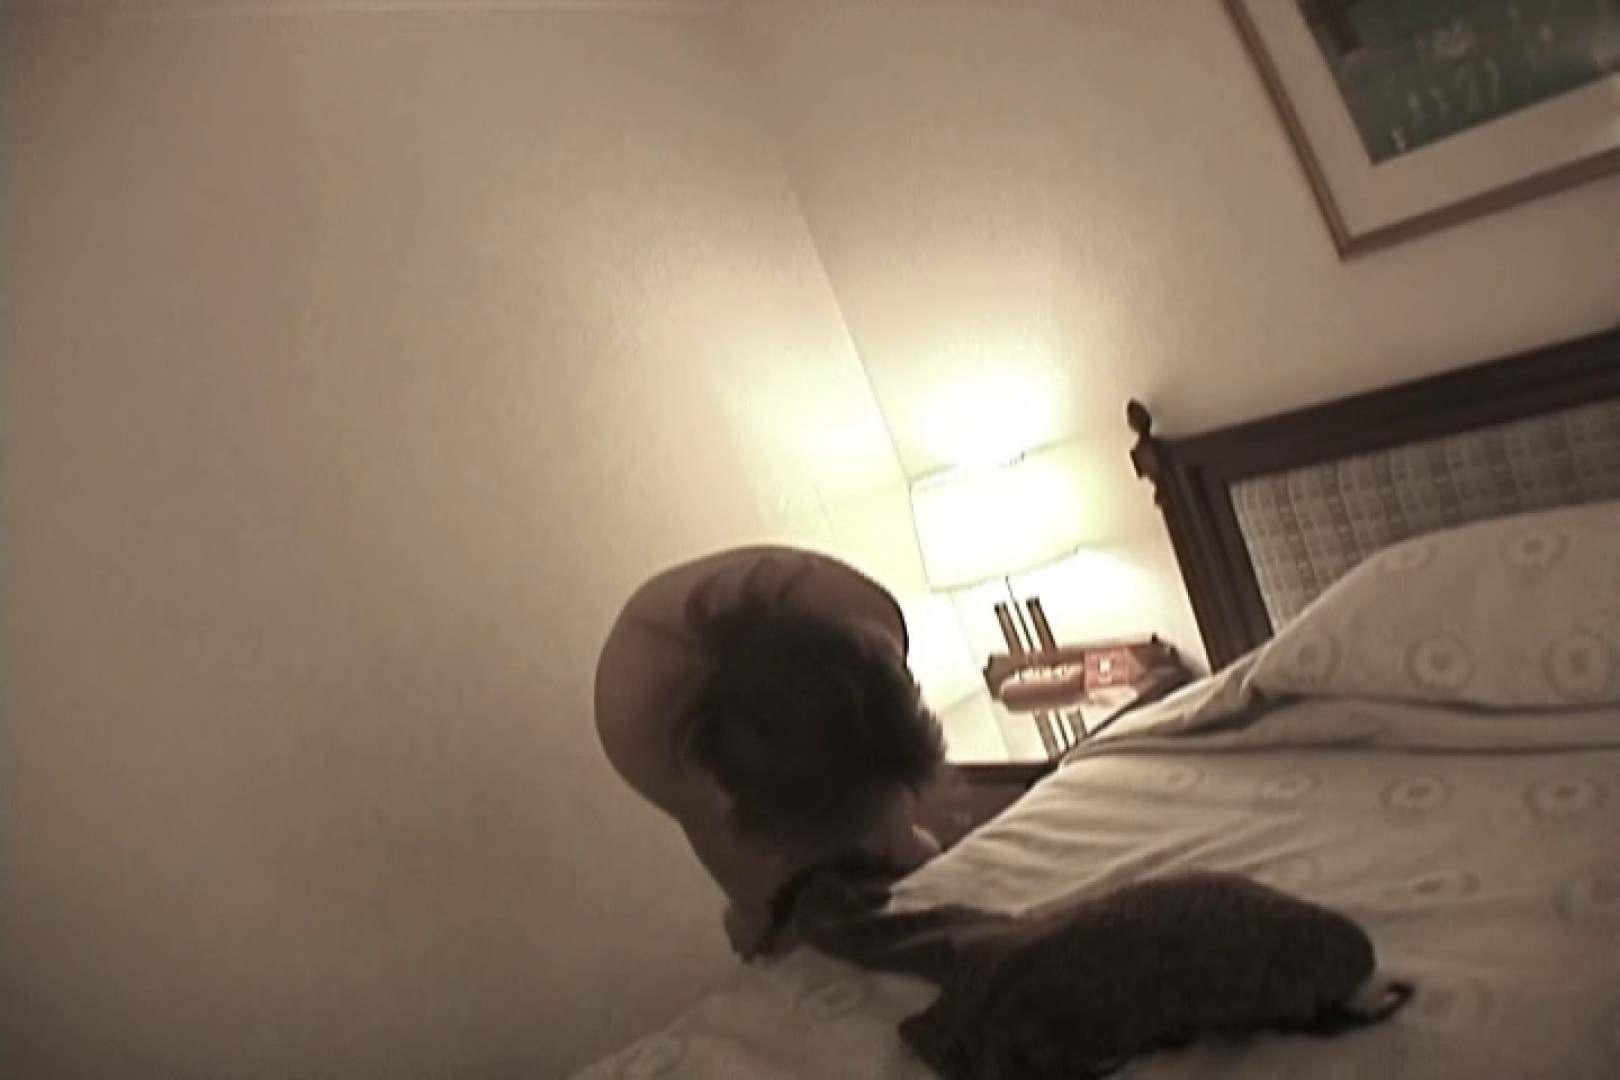 ツンデレ素人嬢もチンポには弱い~増田あけみ~ 素人丸裸  99pic 60